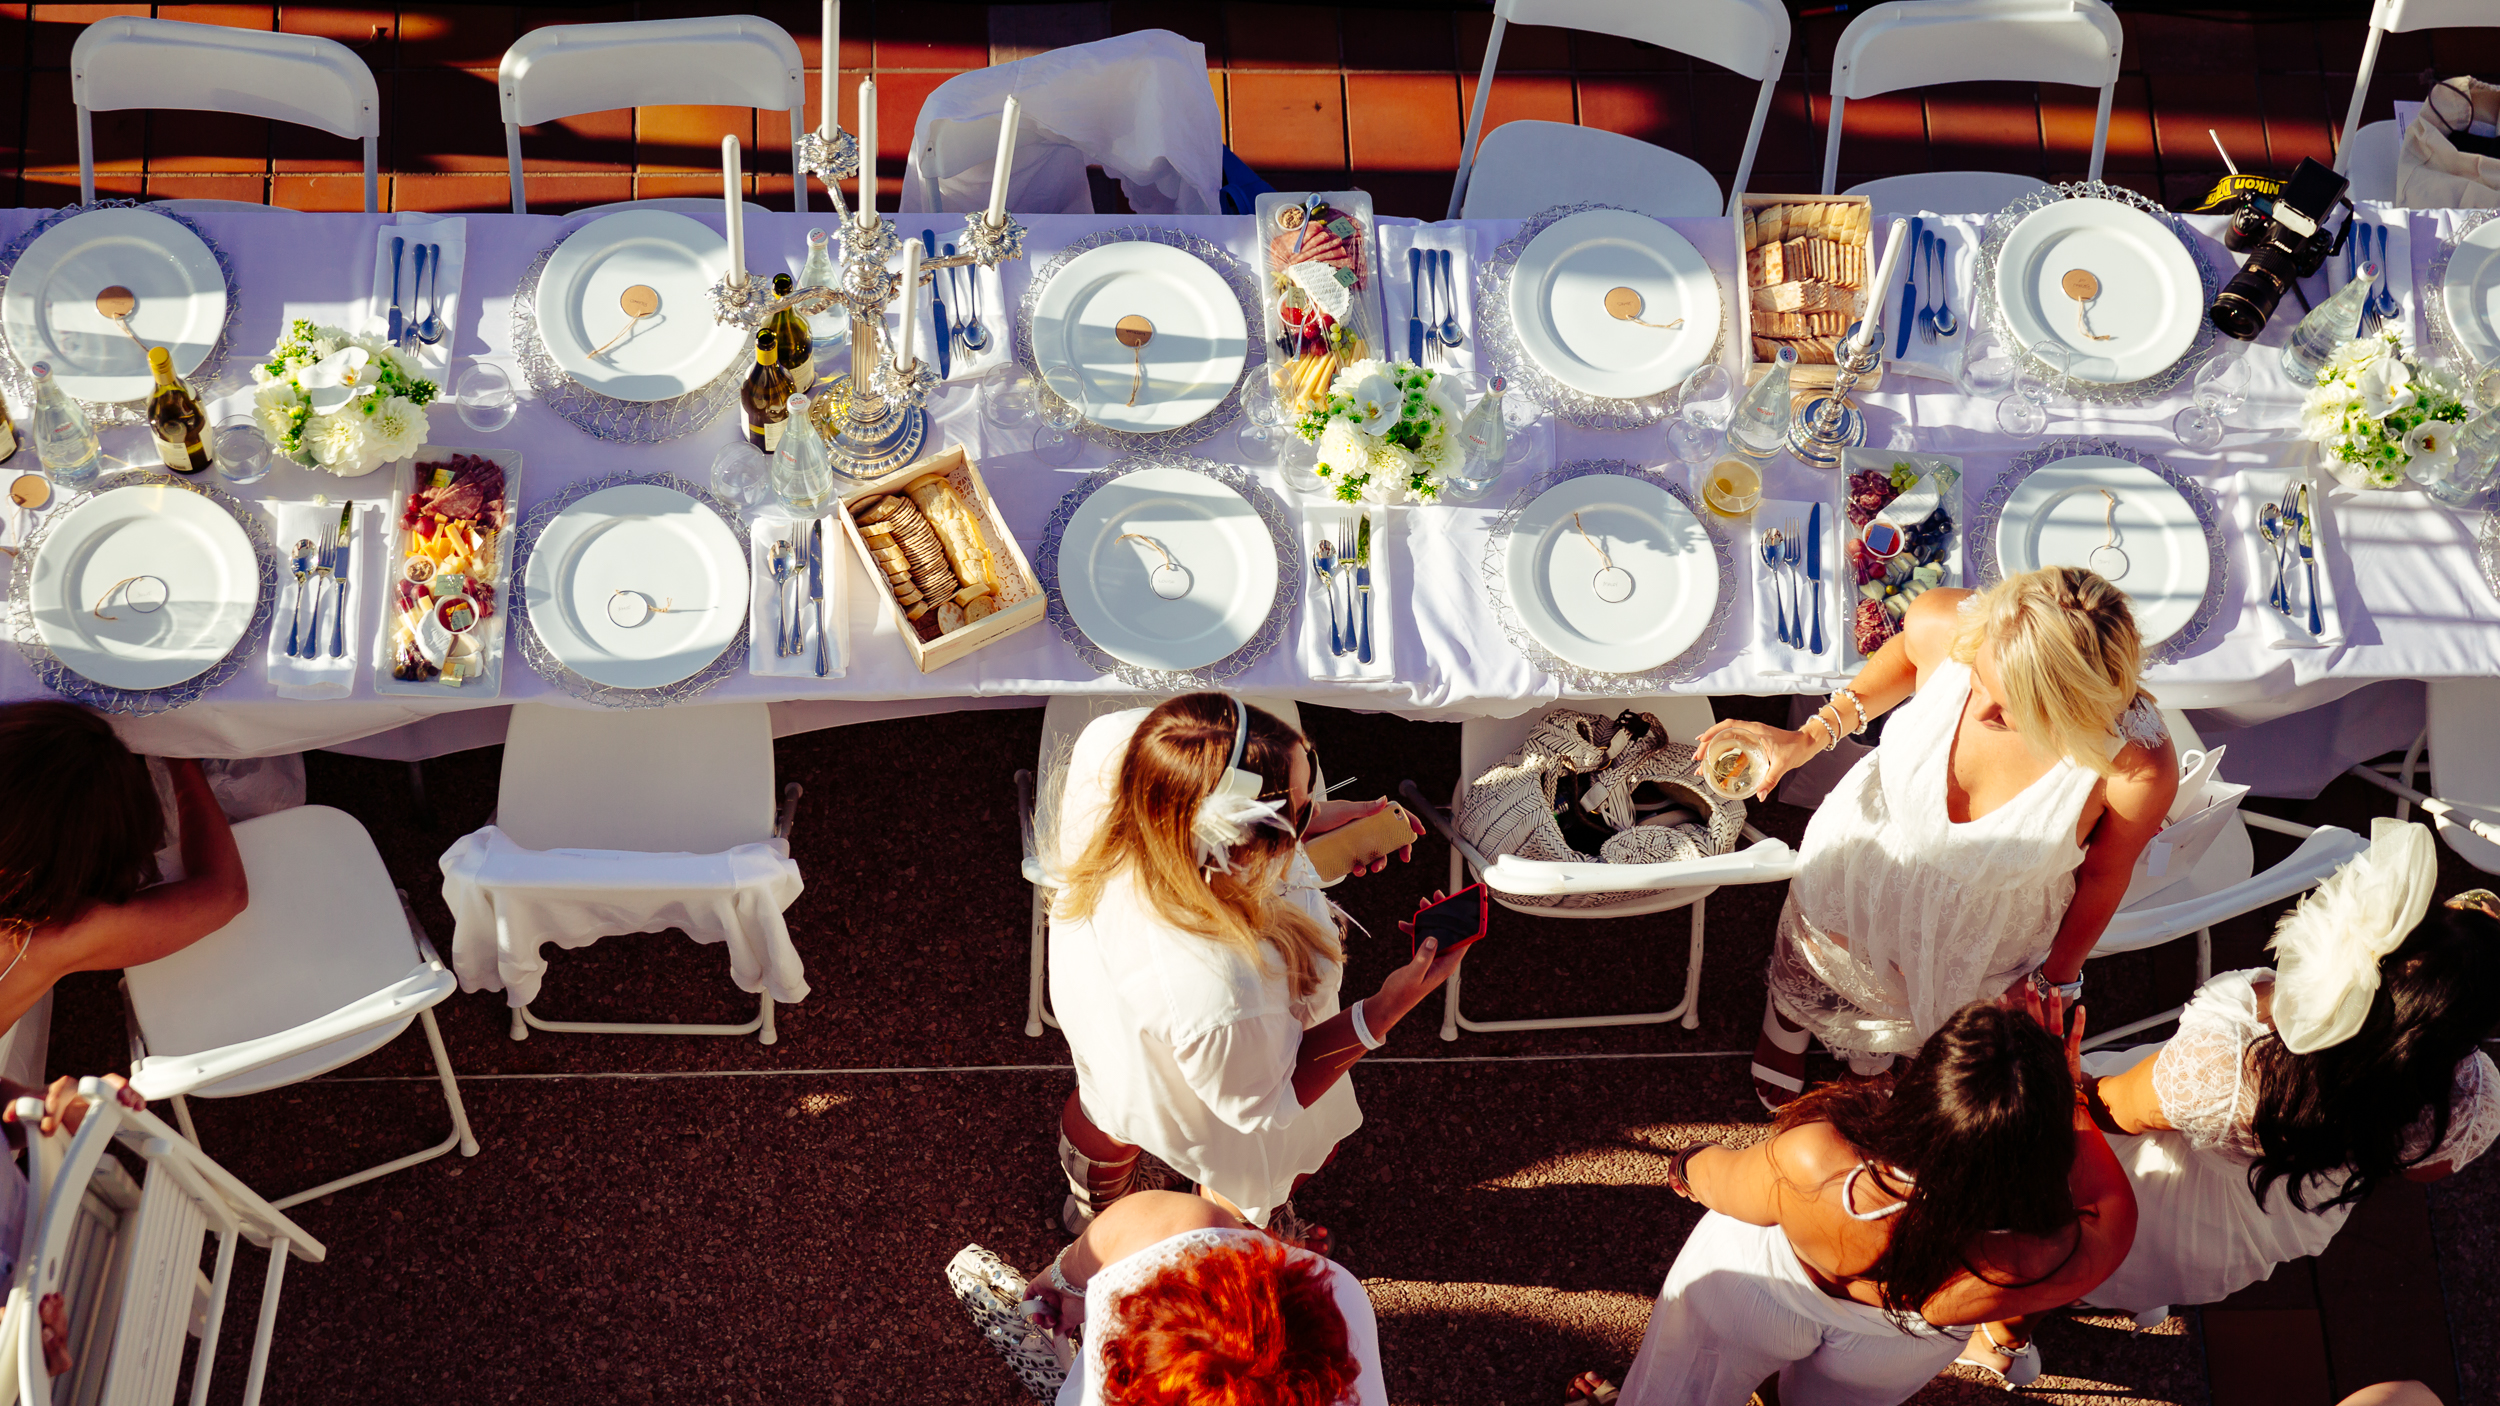 diner-en-blanc-vancouver-photo15.jpg